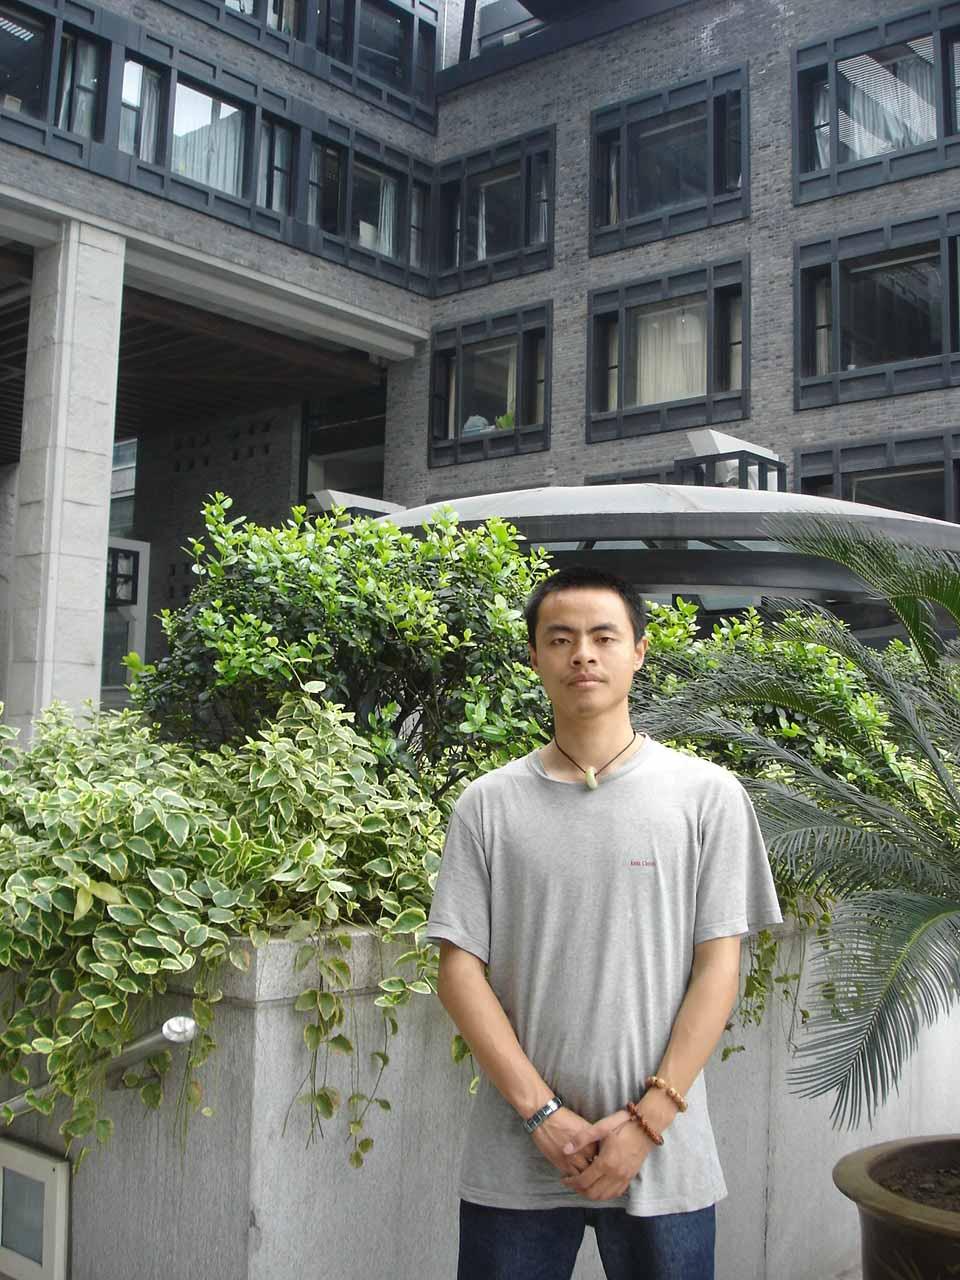 祖籍江西余干县. 景德镇陶瓷学院毕业.2002年主持醉石陶艺工作室